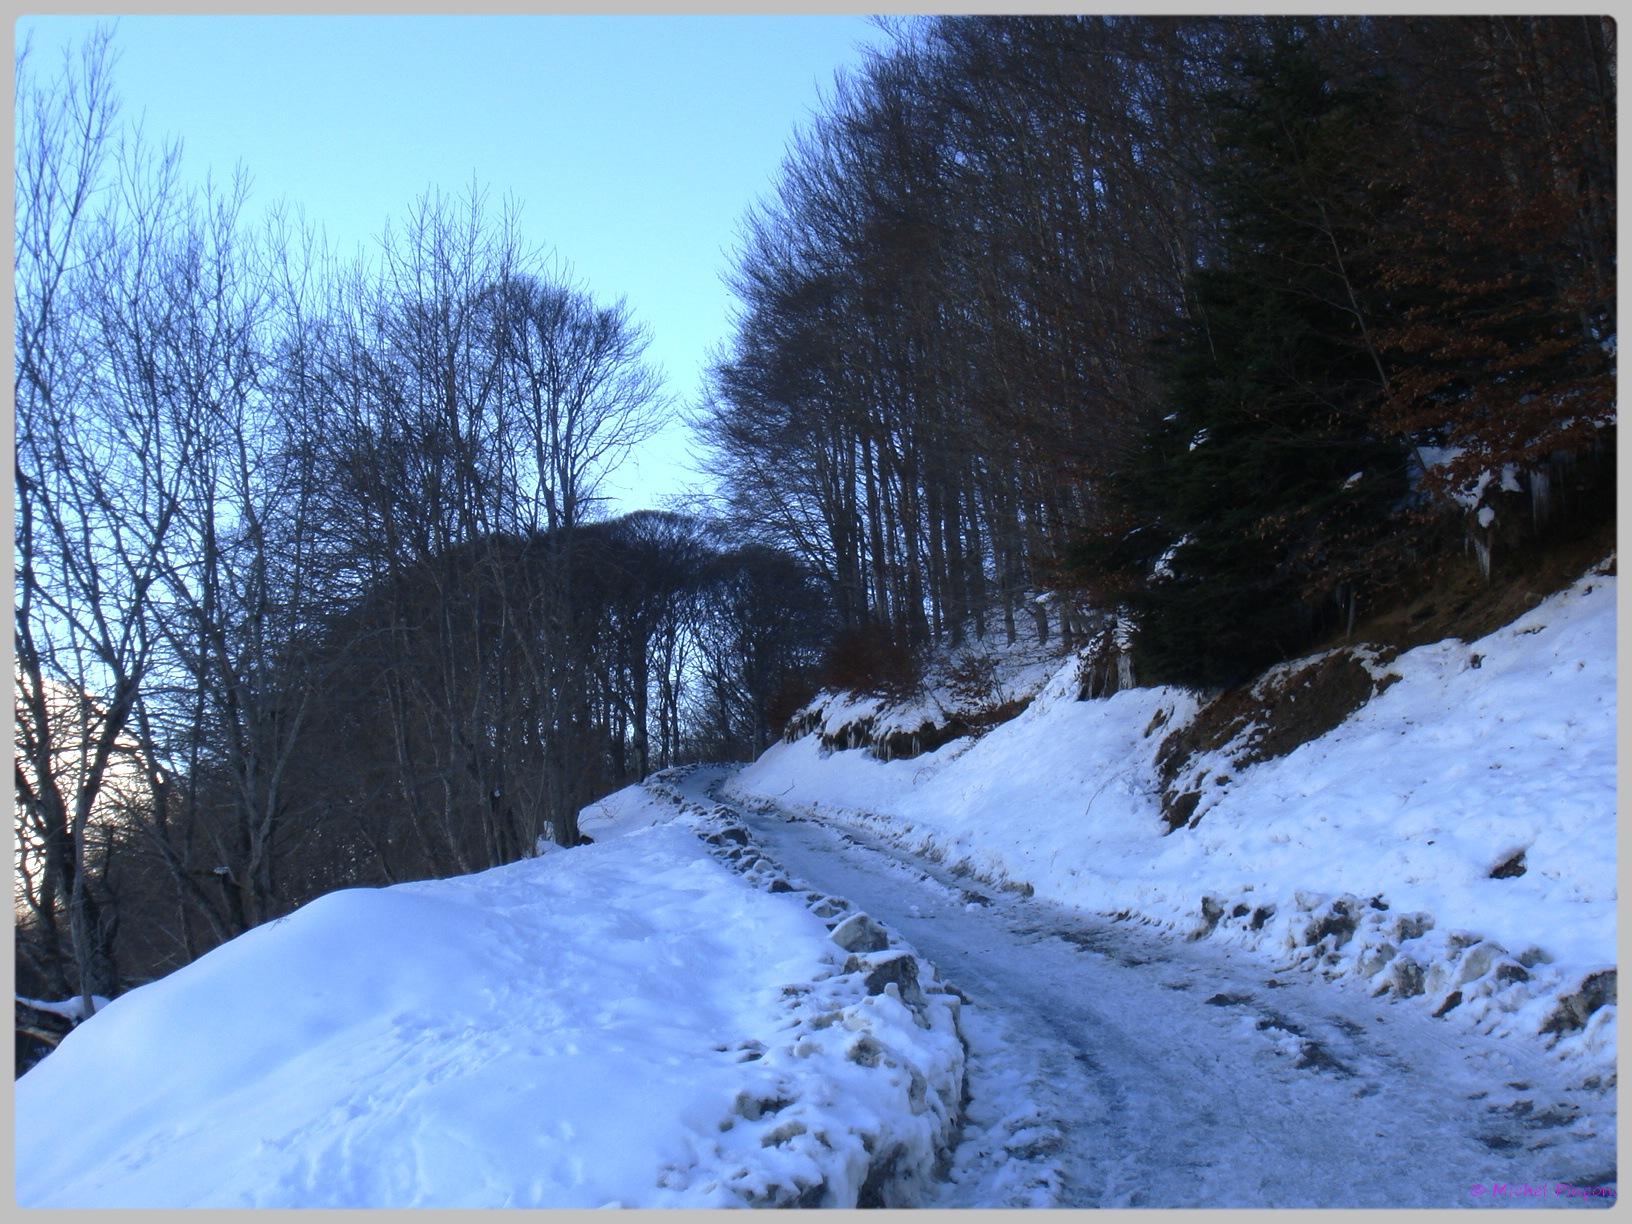 Une semaine à la Neige dans les Htes Pyrénées - Page 2 439169DSC011897